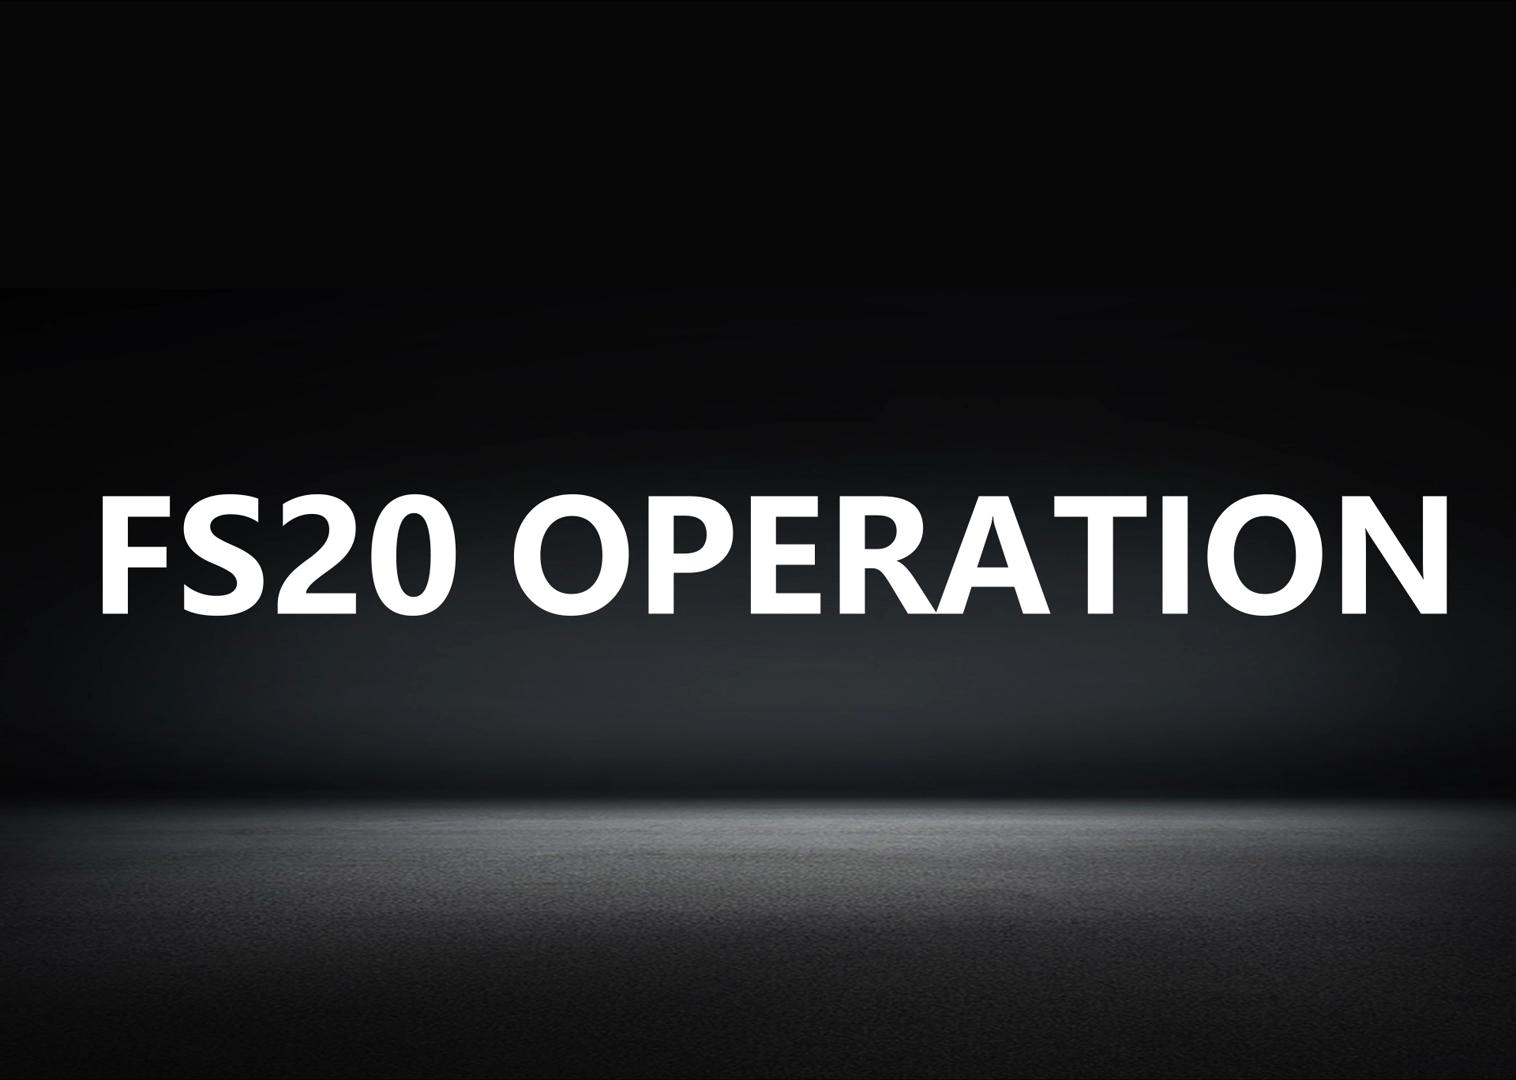 FS20 Thương Mại và Công Nghiệp Làm Sạch Sàn cho Máy để Bán